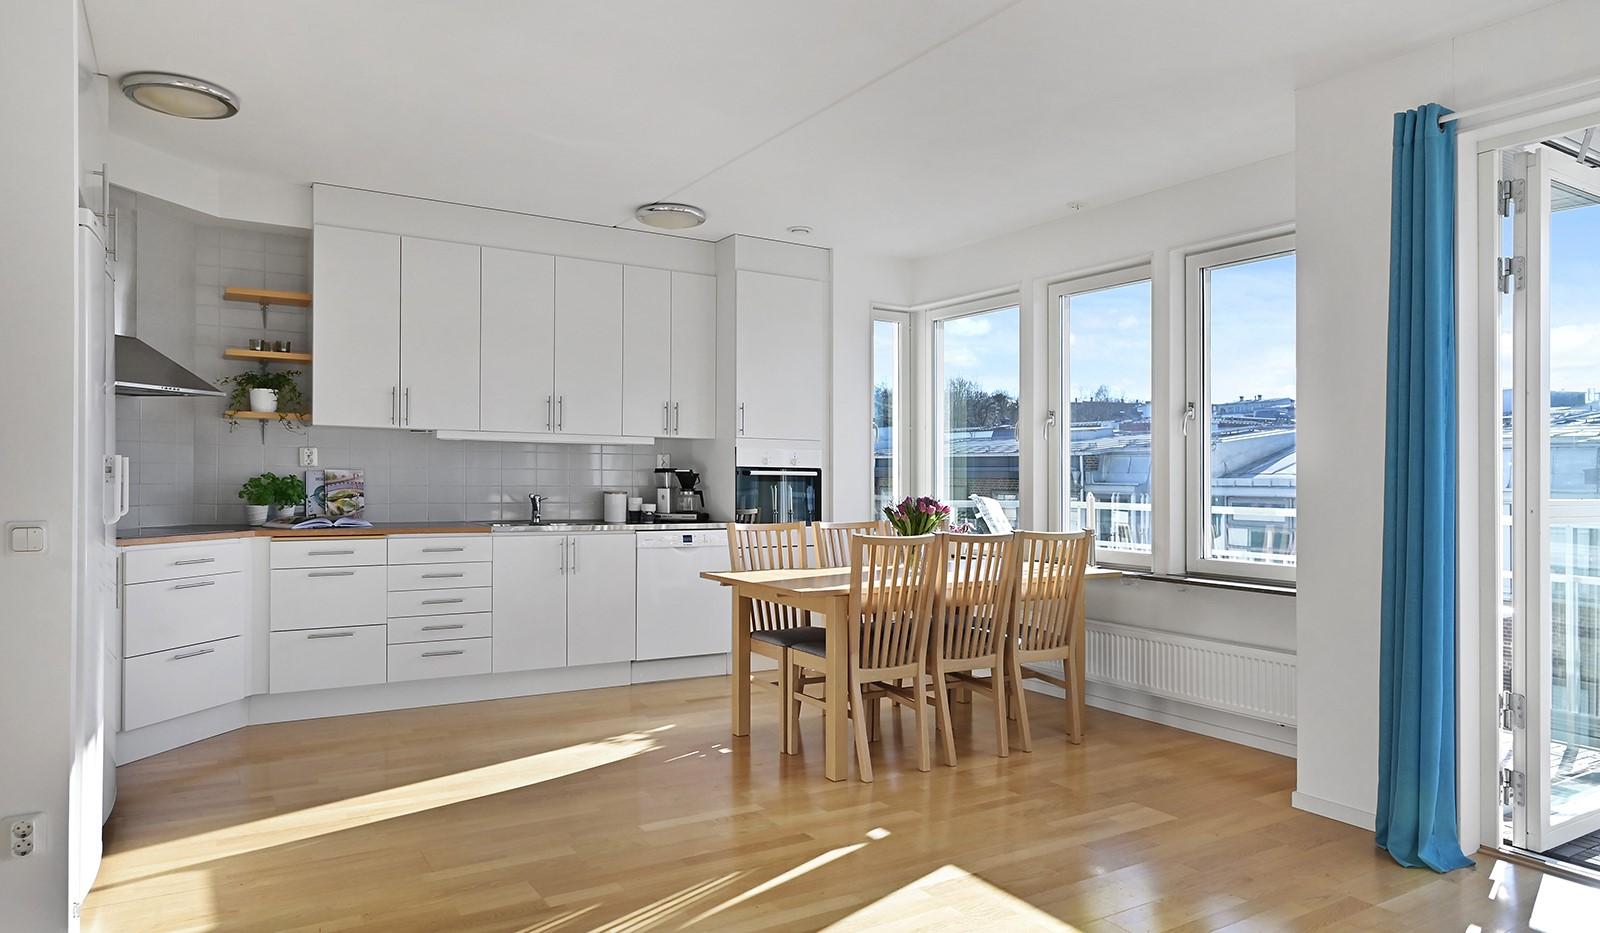 Blekegatan 1, 6 tr - Härligt ljusinsläpp från flera fönster